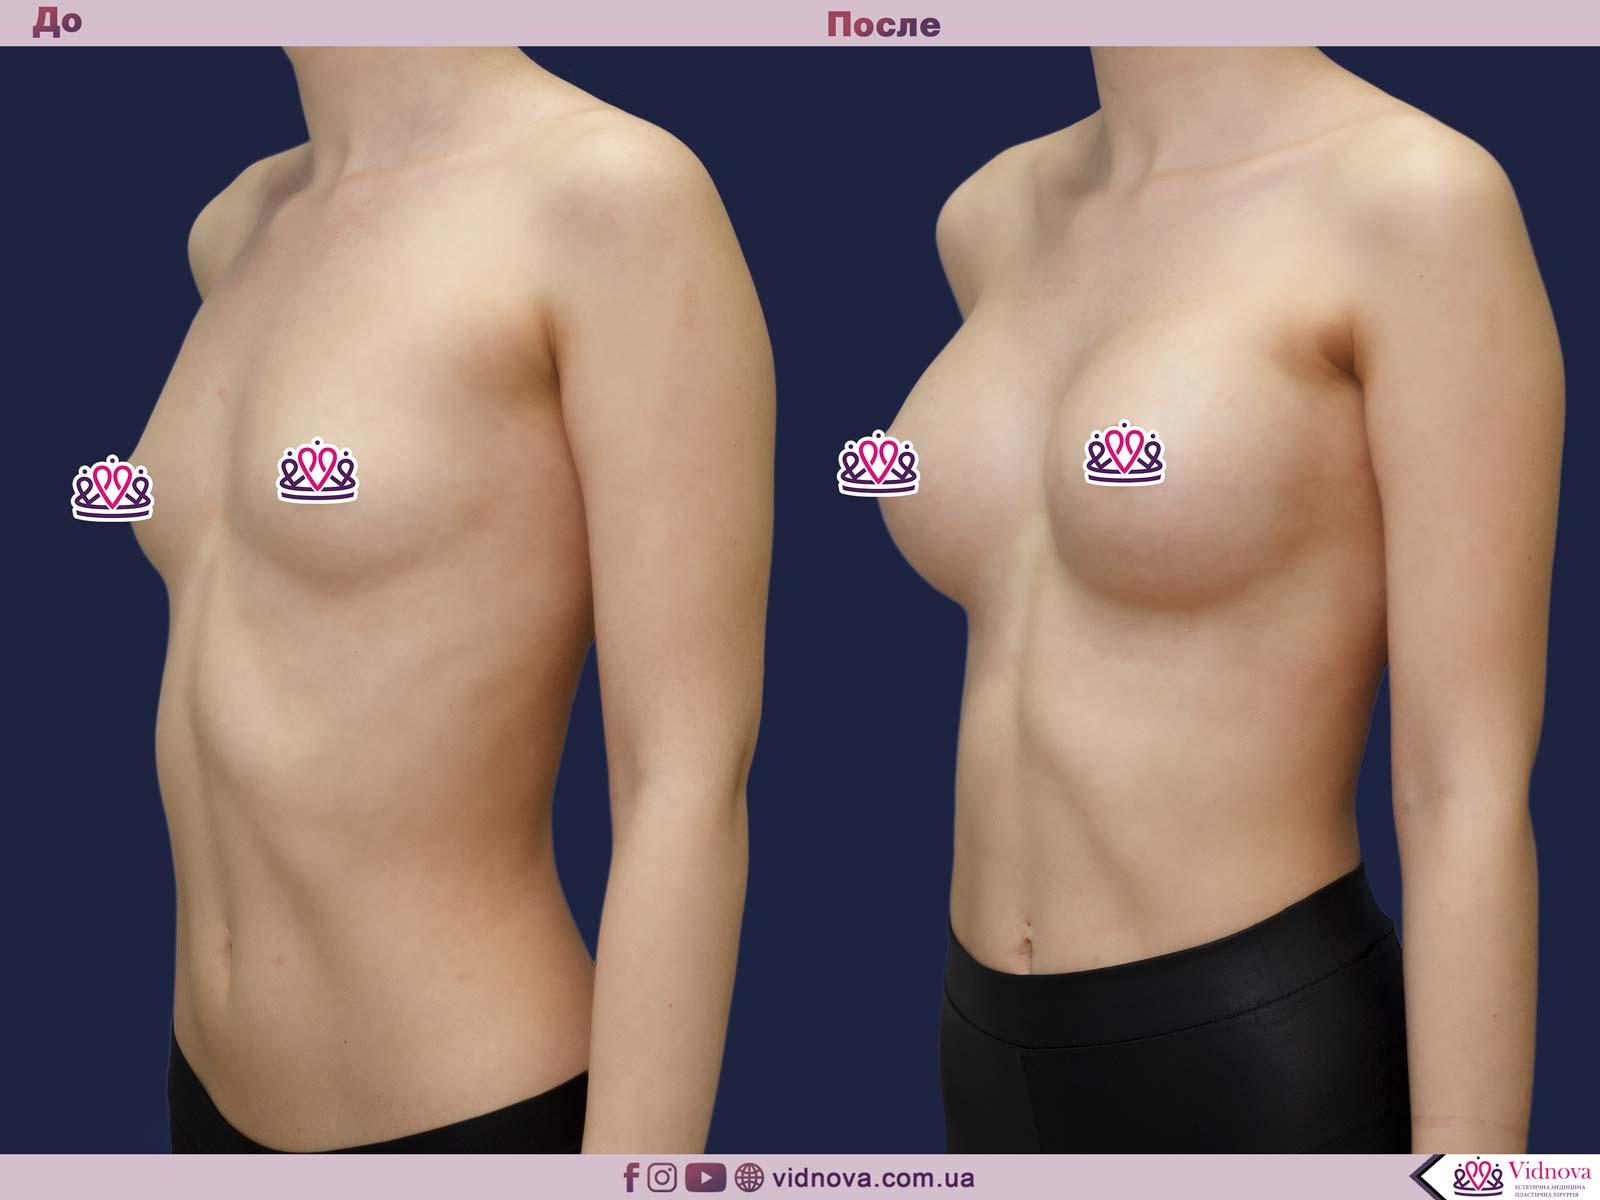 Пластика груди: результаты до и после - Пример №26-1 - Светлана Работенко